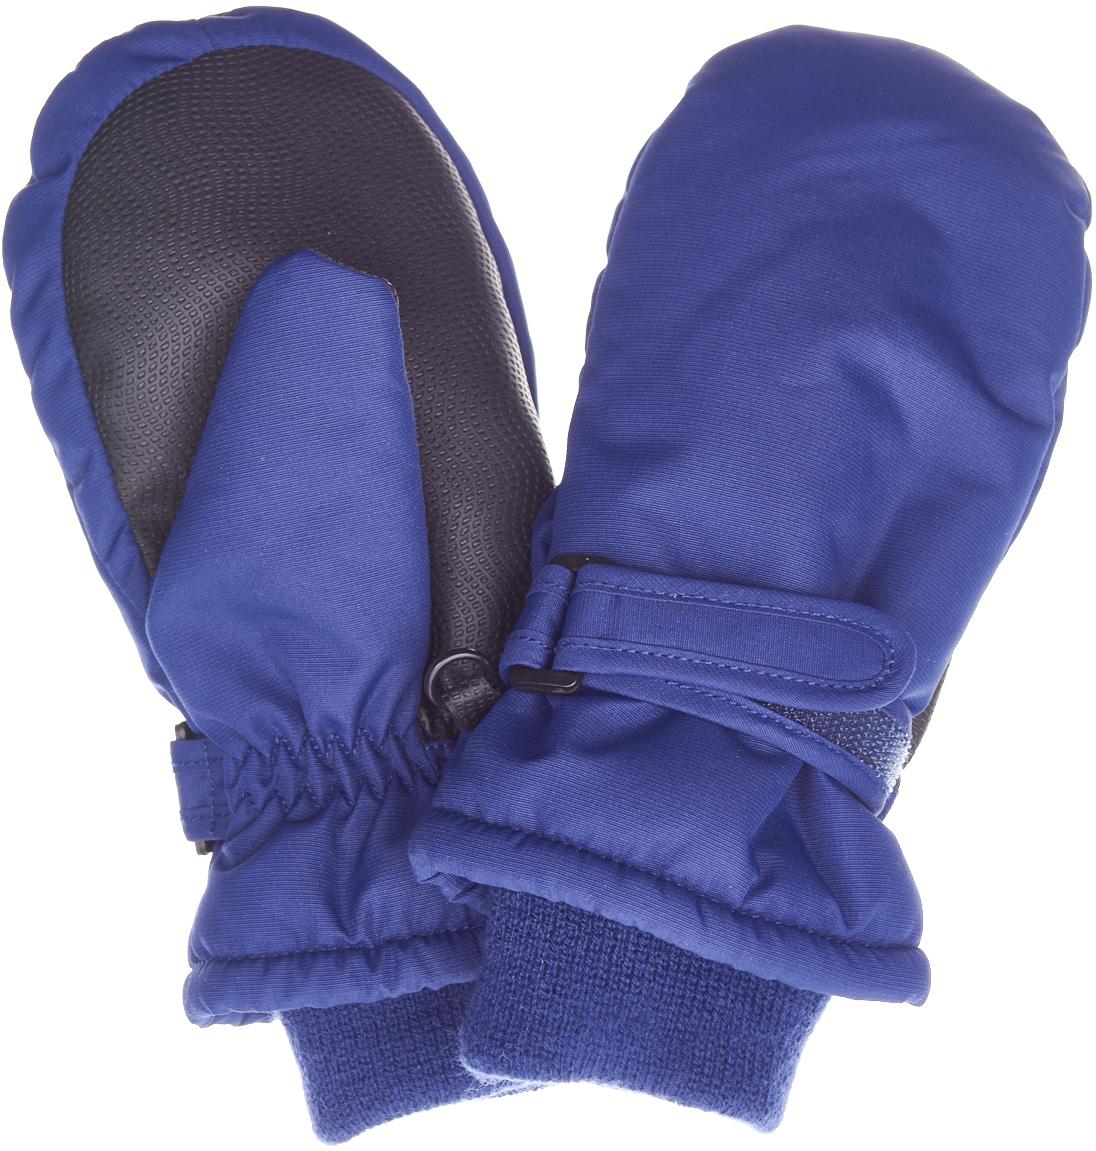 Варежки детские Button Blue, цвет: темно-синий. 217BBUA76011000. Размер 18217BBUA76011000Подбирая зимний функциональный гардероб для ребенка, не забудьте купить варежки из плащевки, ведь они - незаменимая вещь для прогулок в морозные дни! Непромокаемая плащевка, утяжка от продувания, протектор для прочности и износостойкости изделия позволят гулять в любую погоду, гарантируя тепло, уют и комфорт.